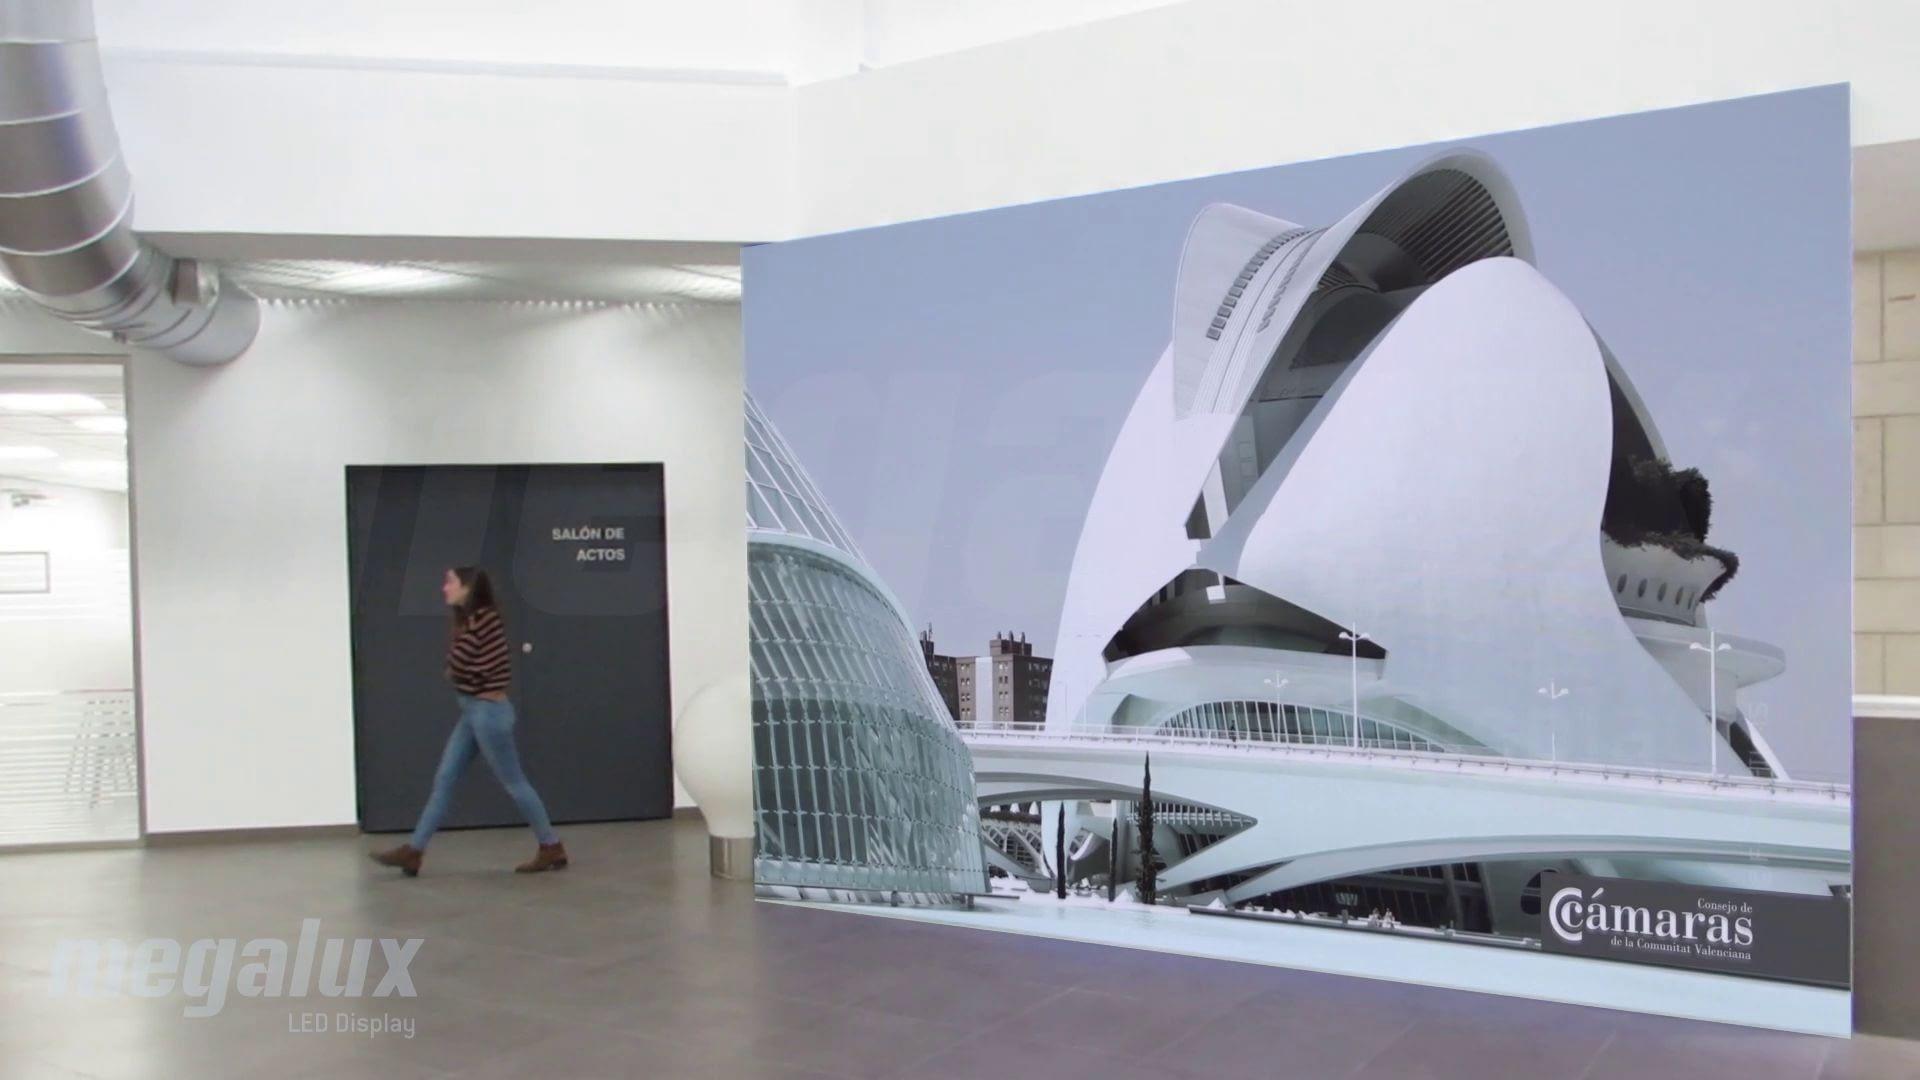 La Cámara de Comercio renueva sus instalaciones con una impactante pantalla LED publicitaria Megalux